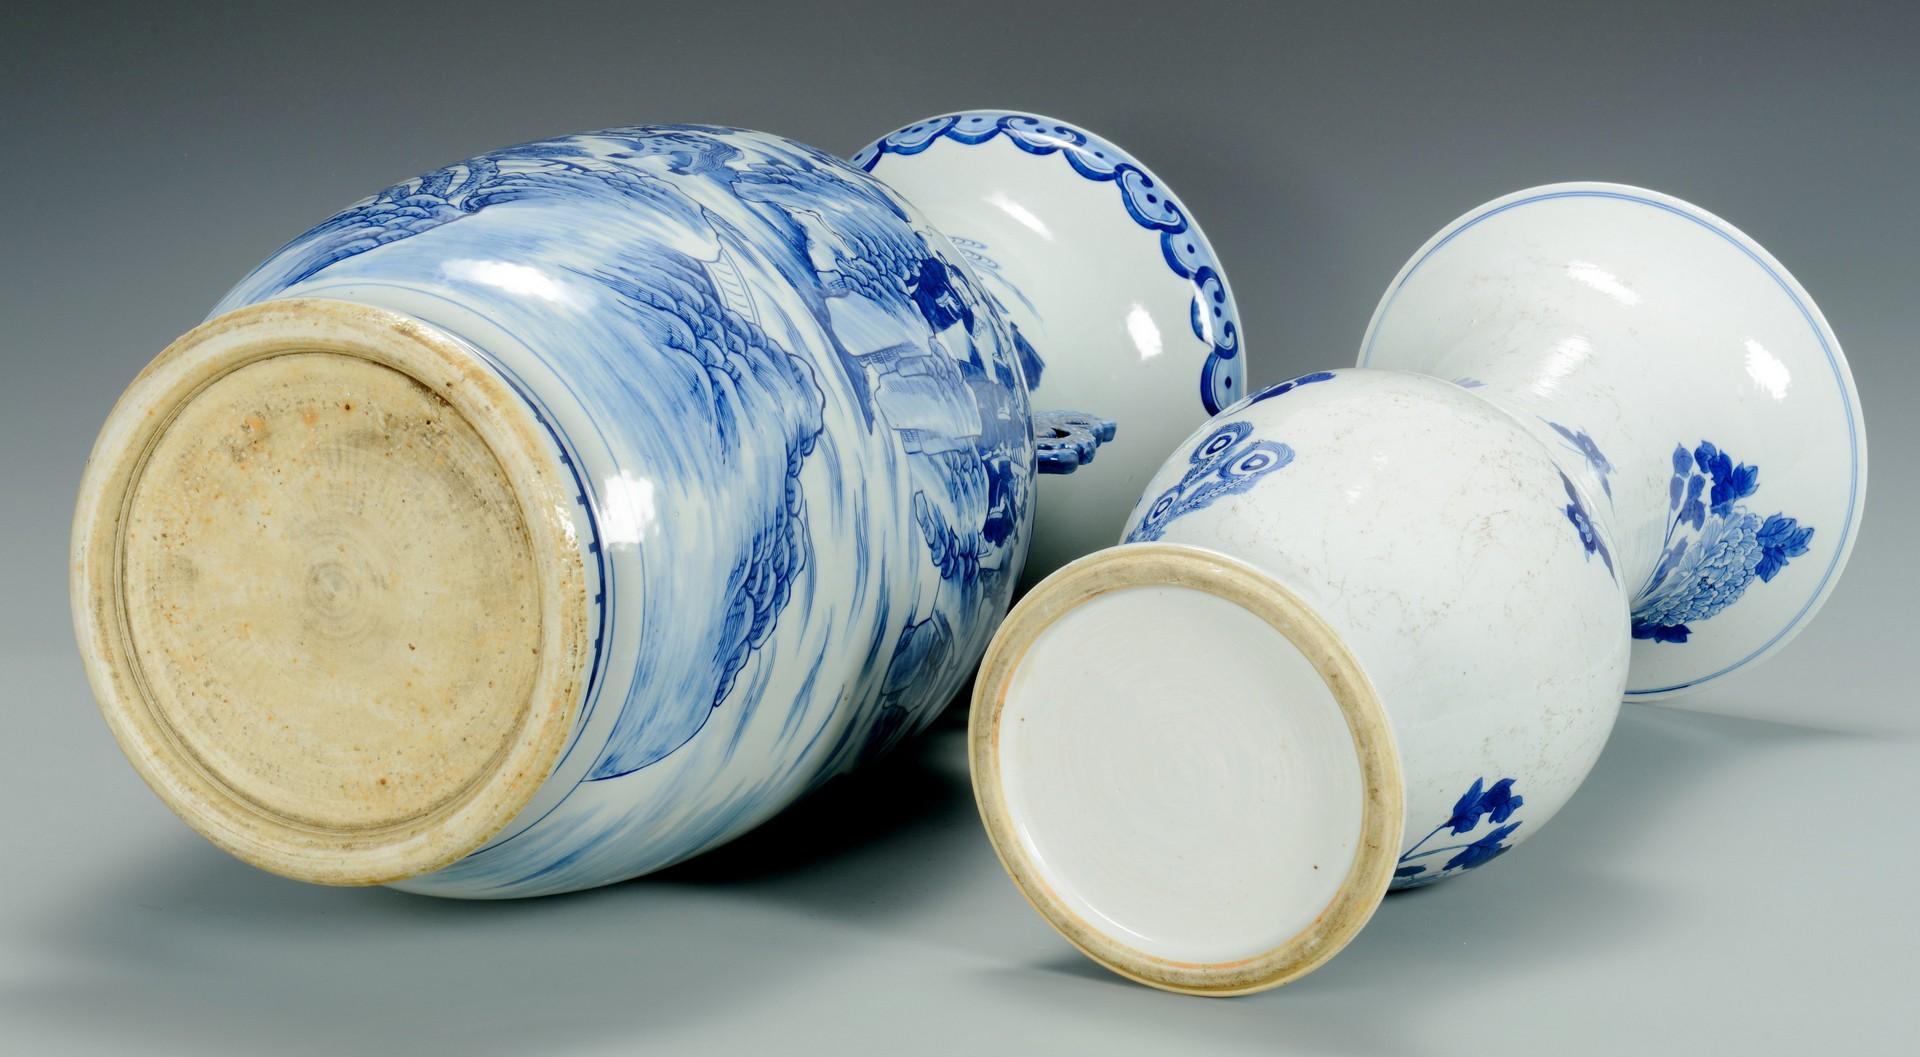 Lot 3383237: Chinese Blue/White Porcelain Vases